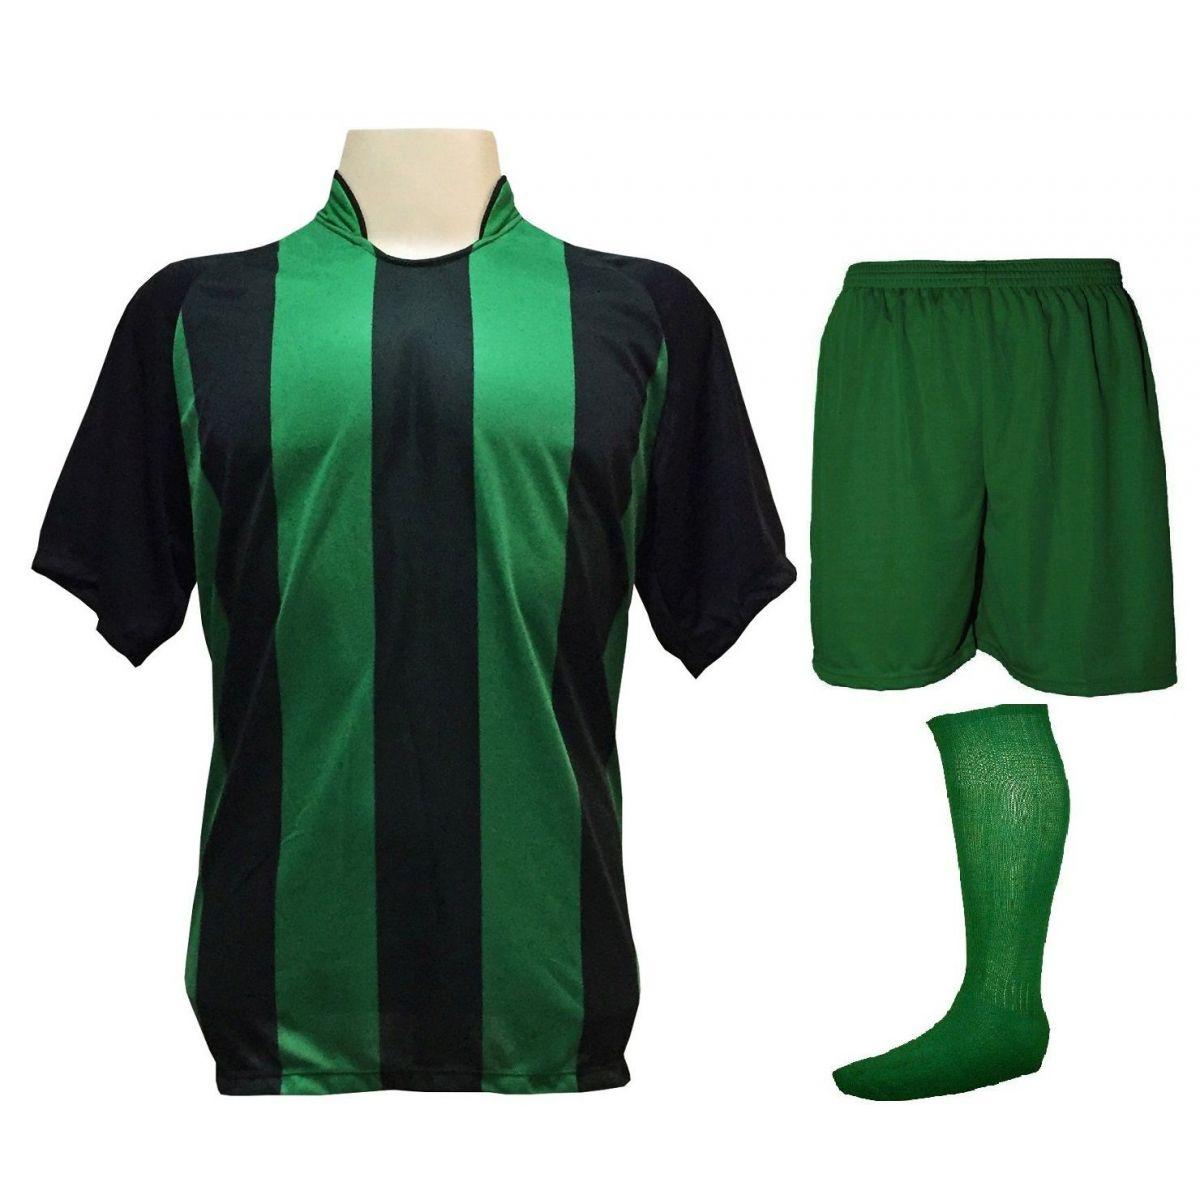 Uniforme Esportivo com 20 camisas modelo Milan Preto/Verde + 20 calções modelo Madrid Verde + 20 pares de meiões Verde